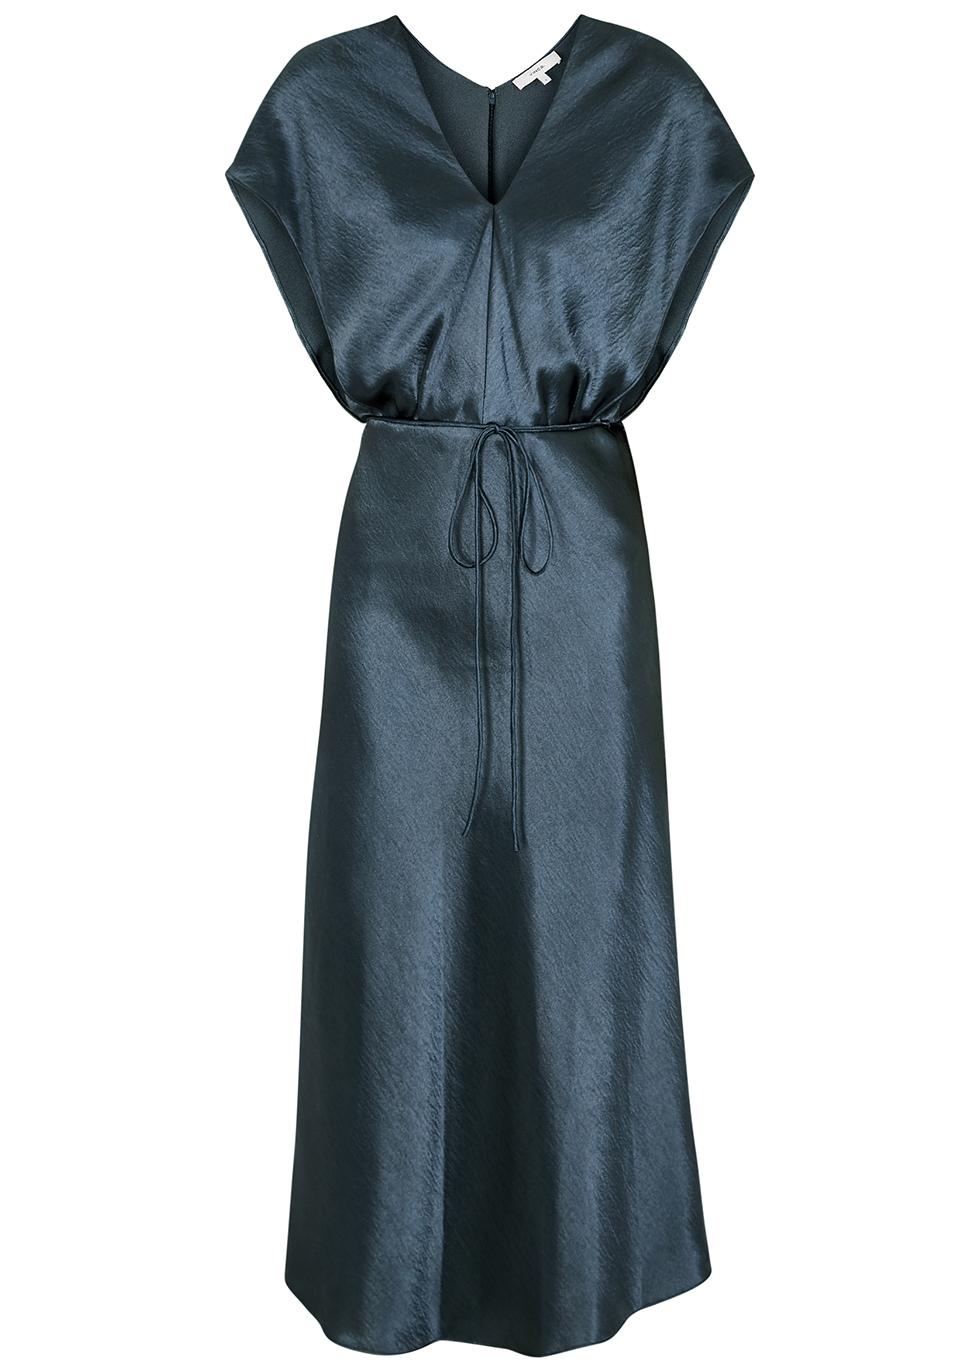 Blue satin midi dress